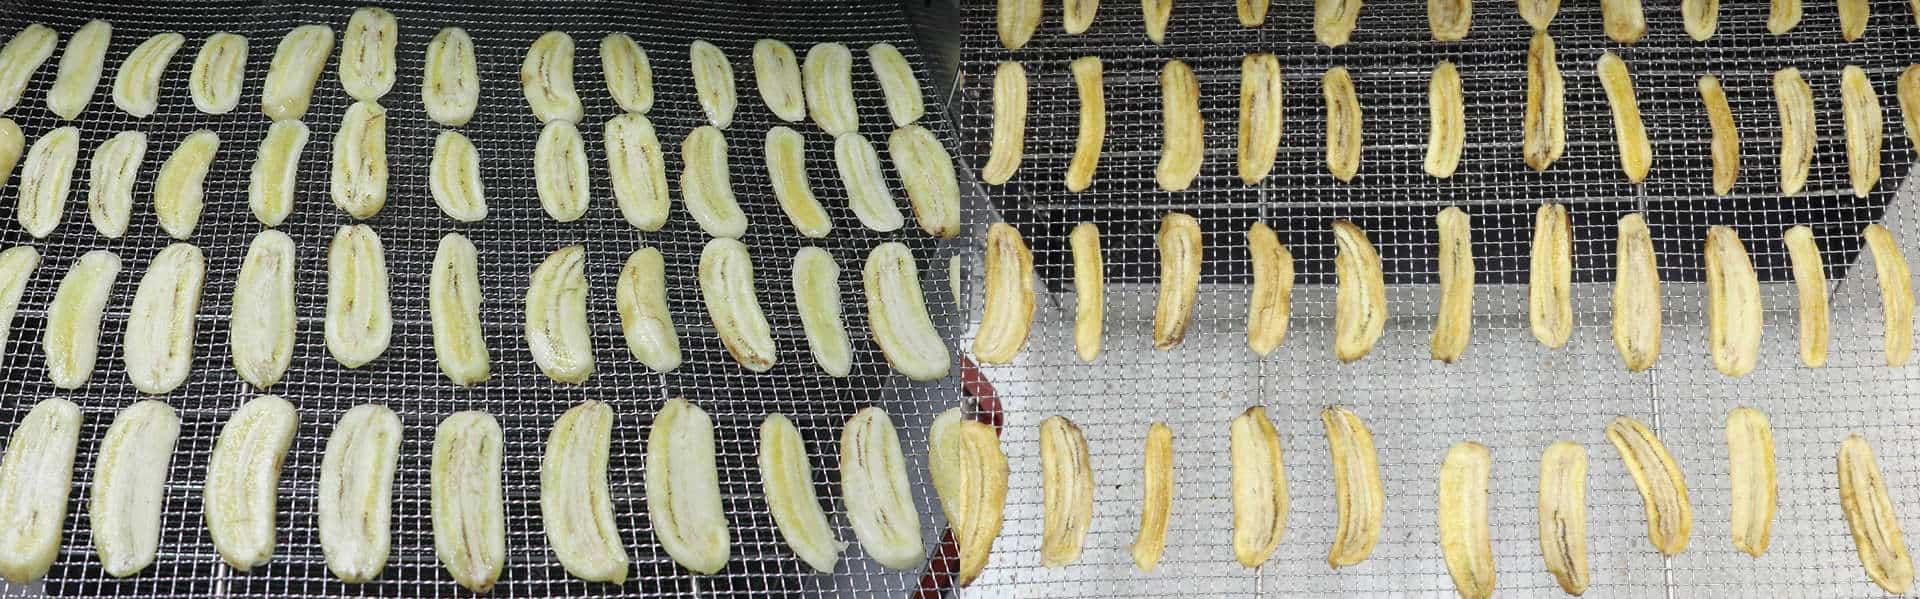 Máy sấy thực phẩm khí nóng công nghiệp GE - Chuối cắt lát trước và sau khi sấy